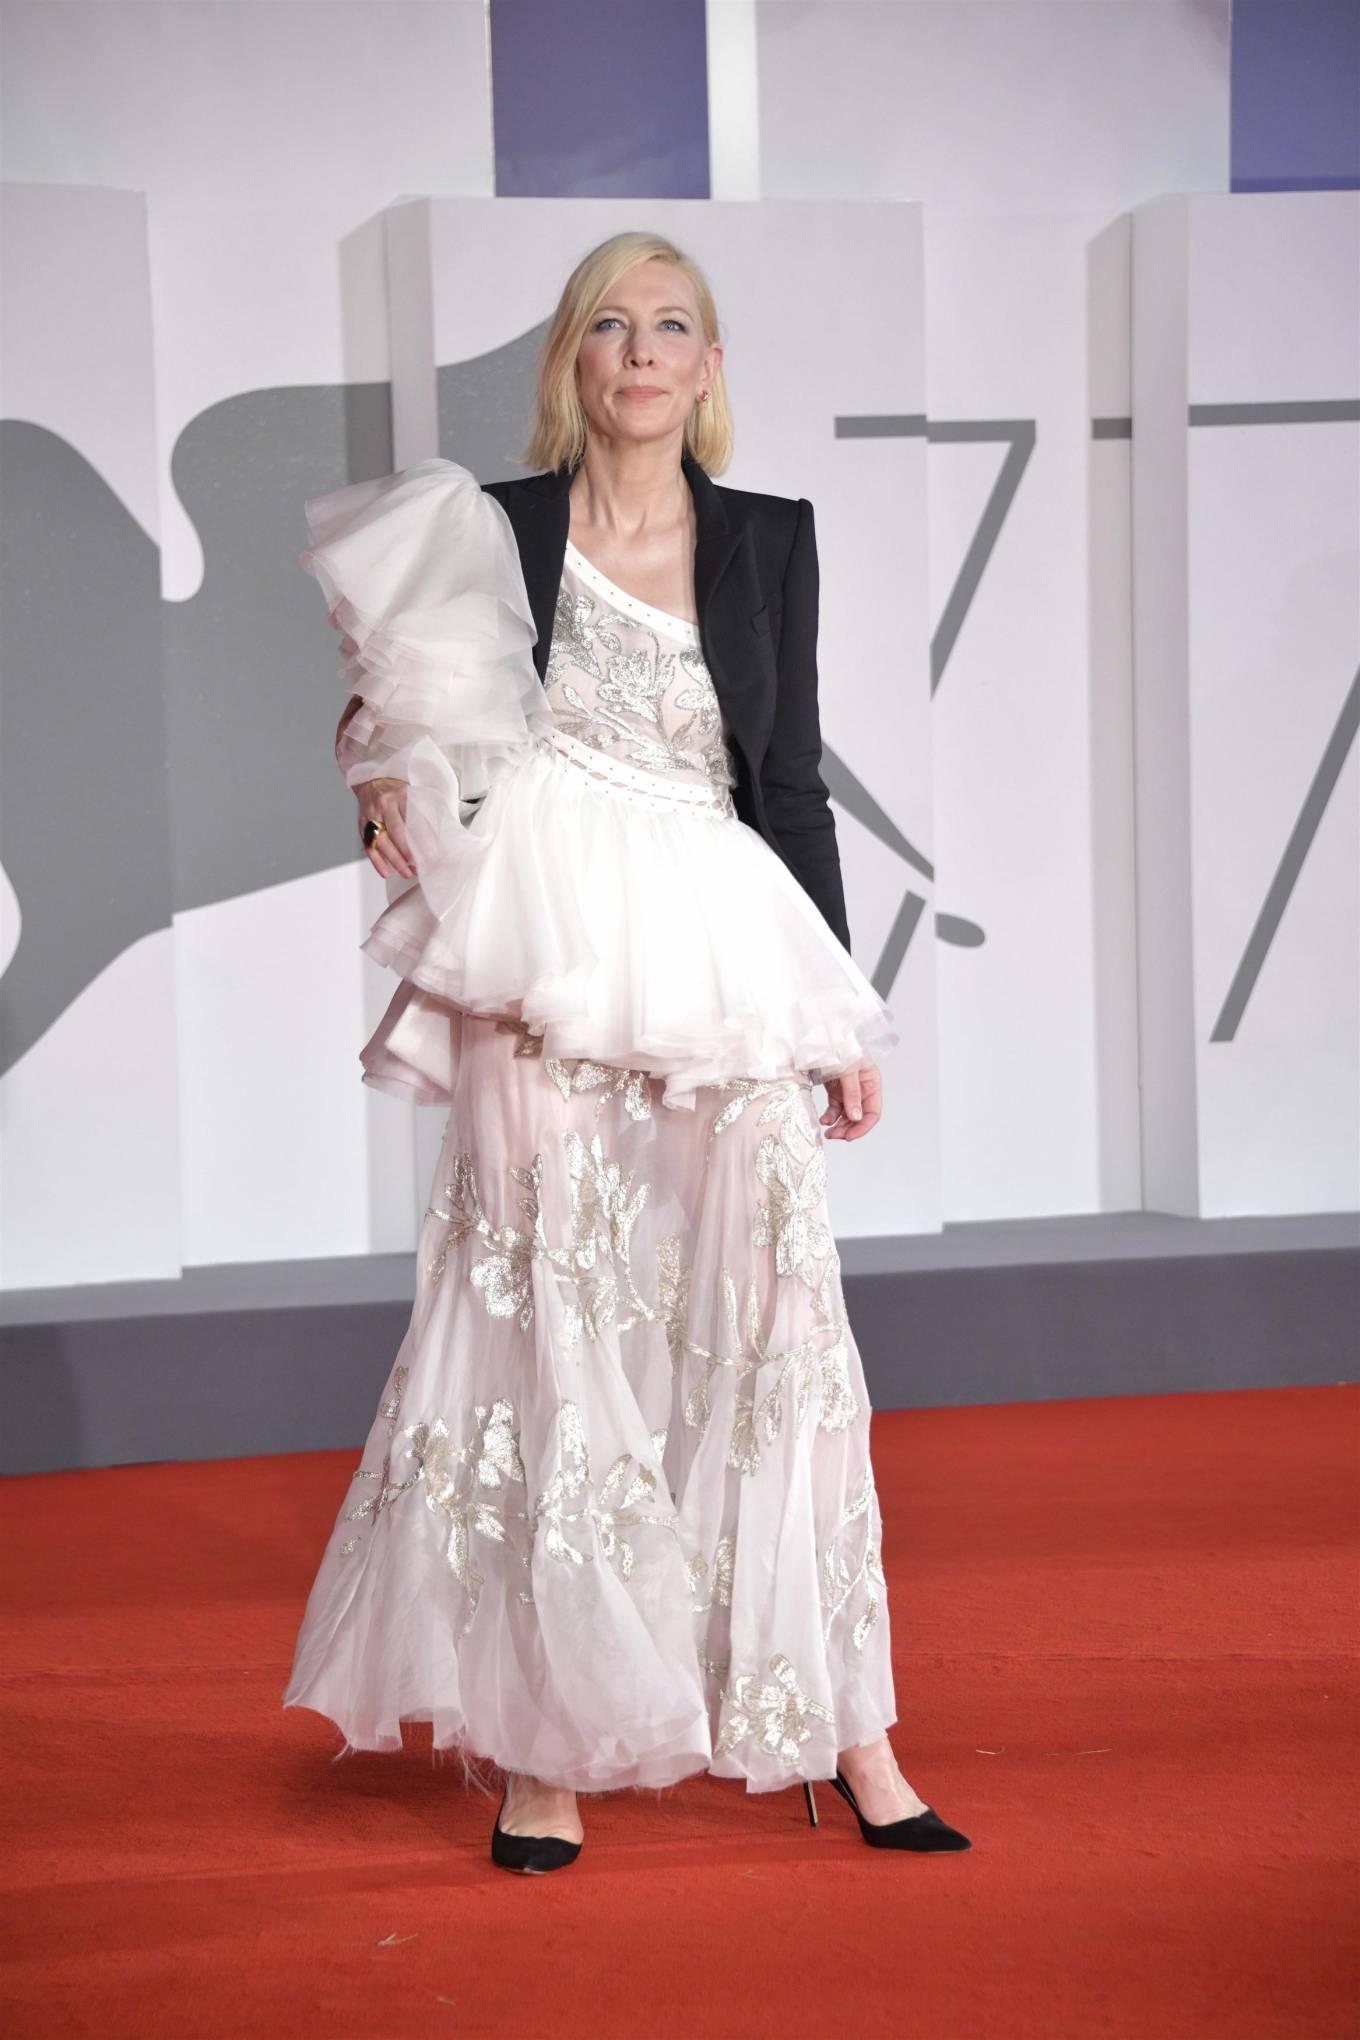 Cate Blanchett 2020 : Cate Blanchett – Red Carpet for the Golden Lion Award for Lifetime Achievement Ceremony to Ann Hui -05